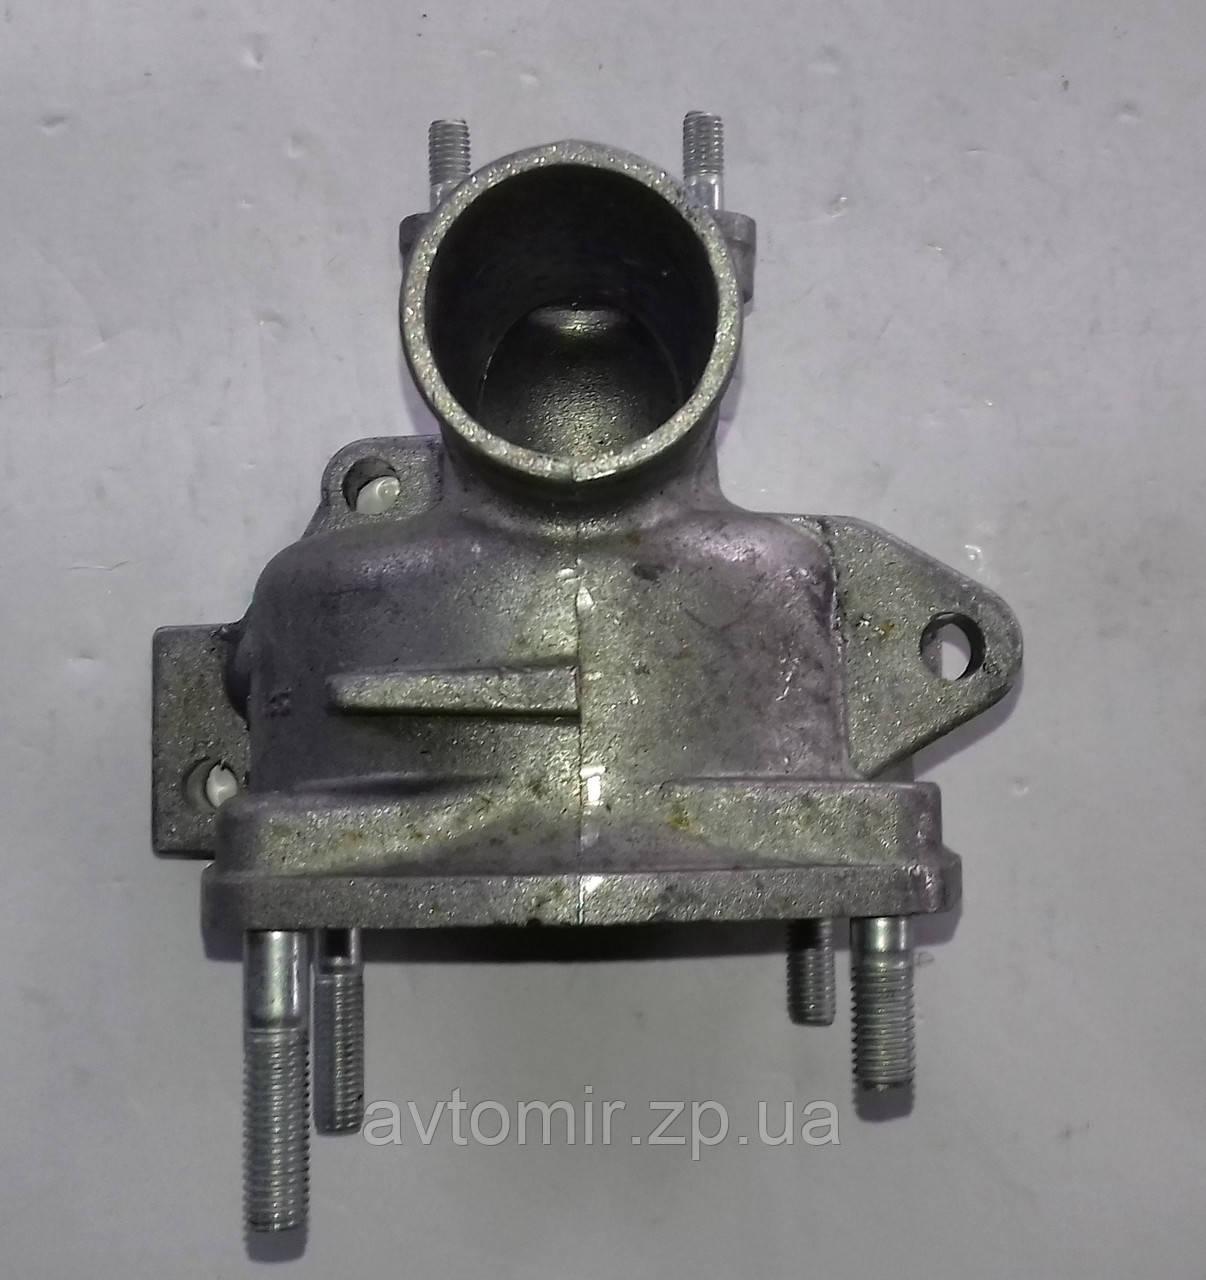 Крышка насоса водяного Ваз 2101-2107 Россия. 2101-1307015